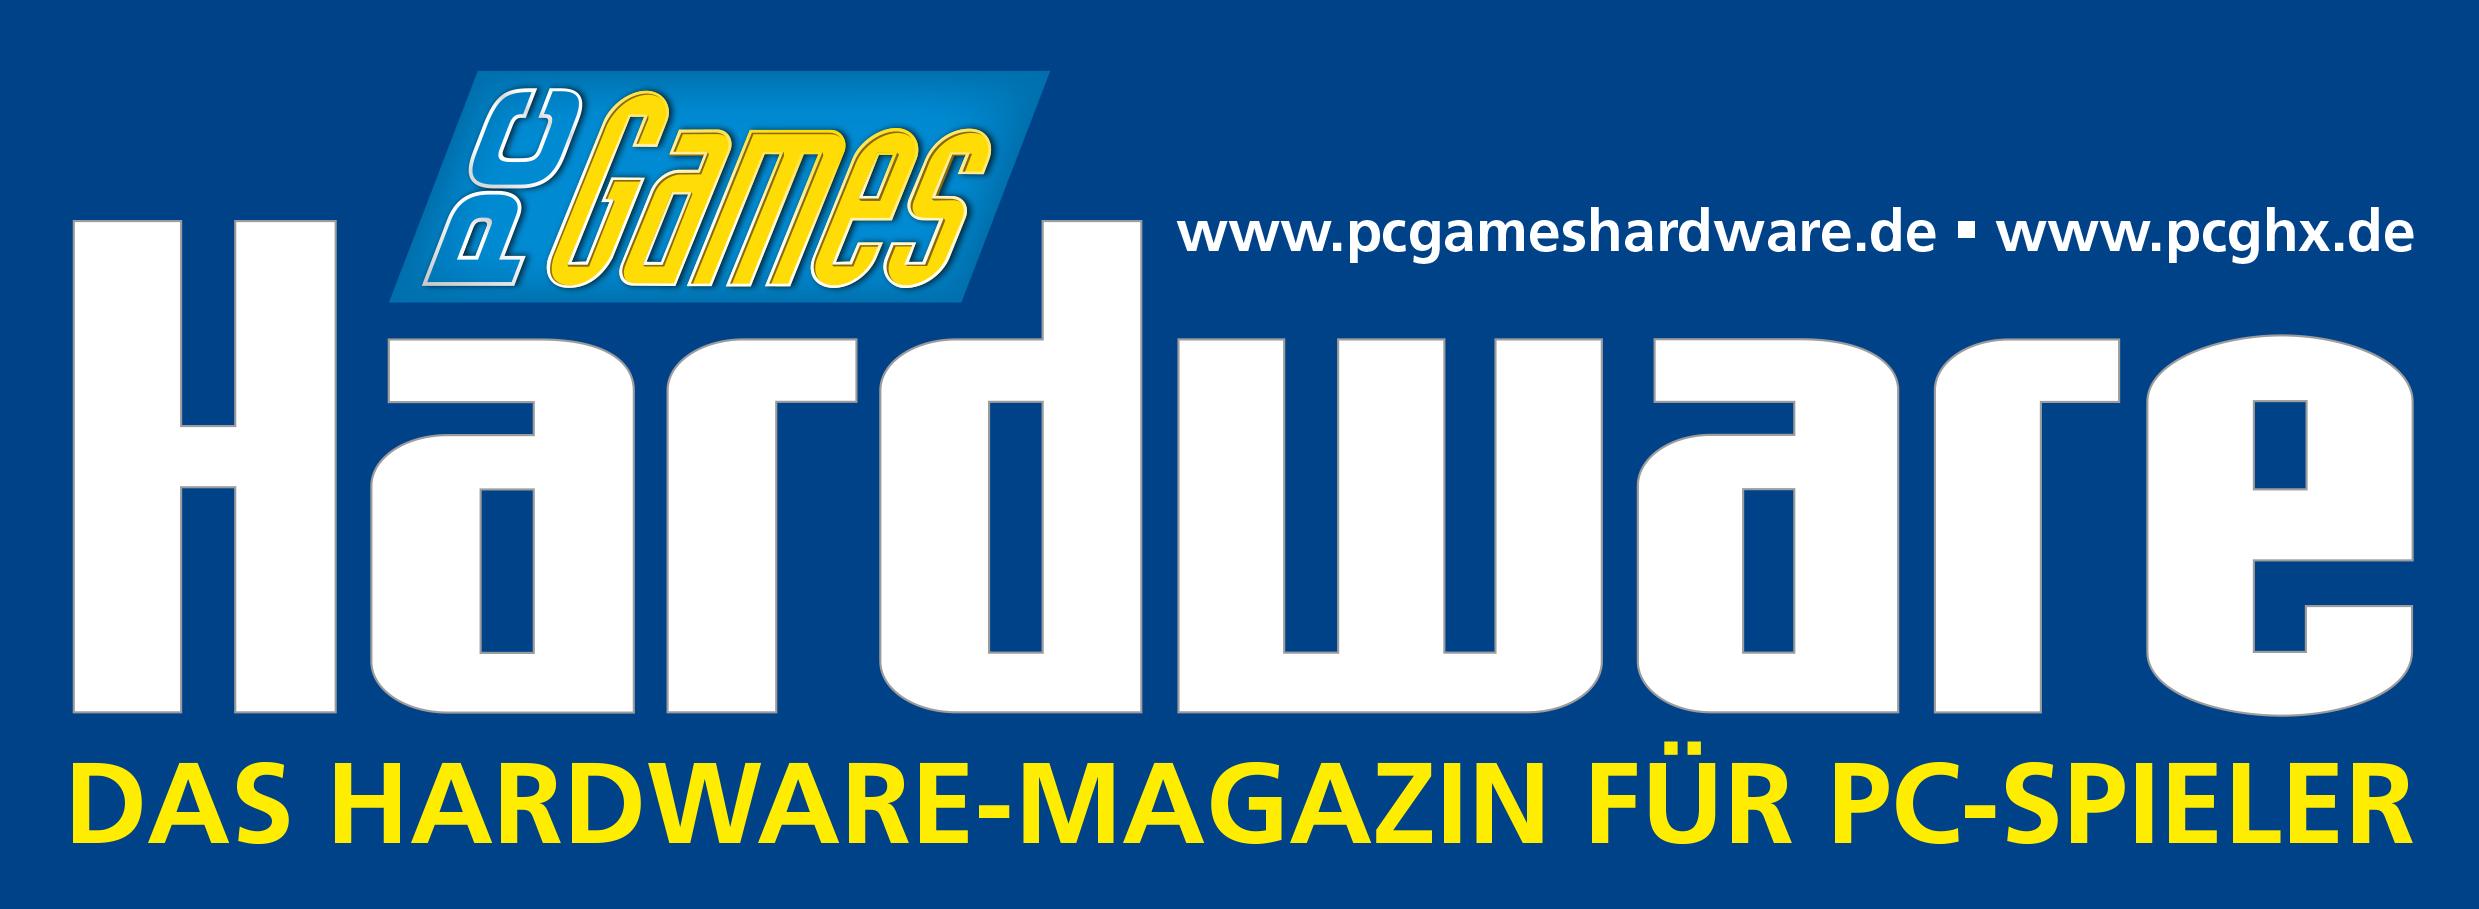 Logo PCGH(X)